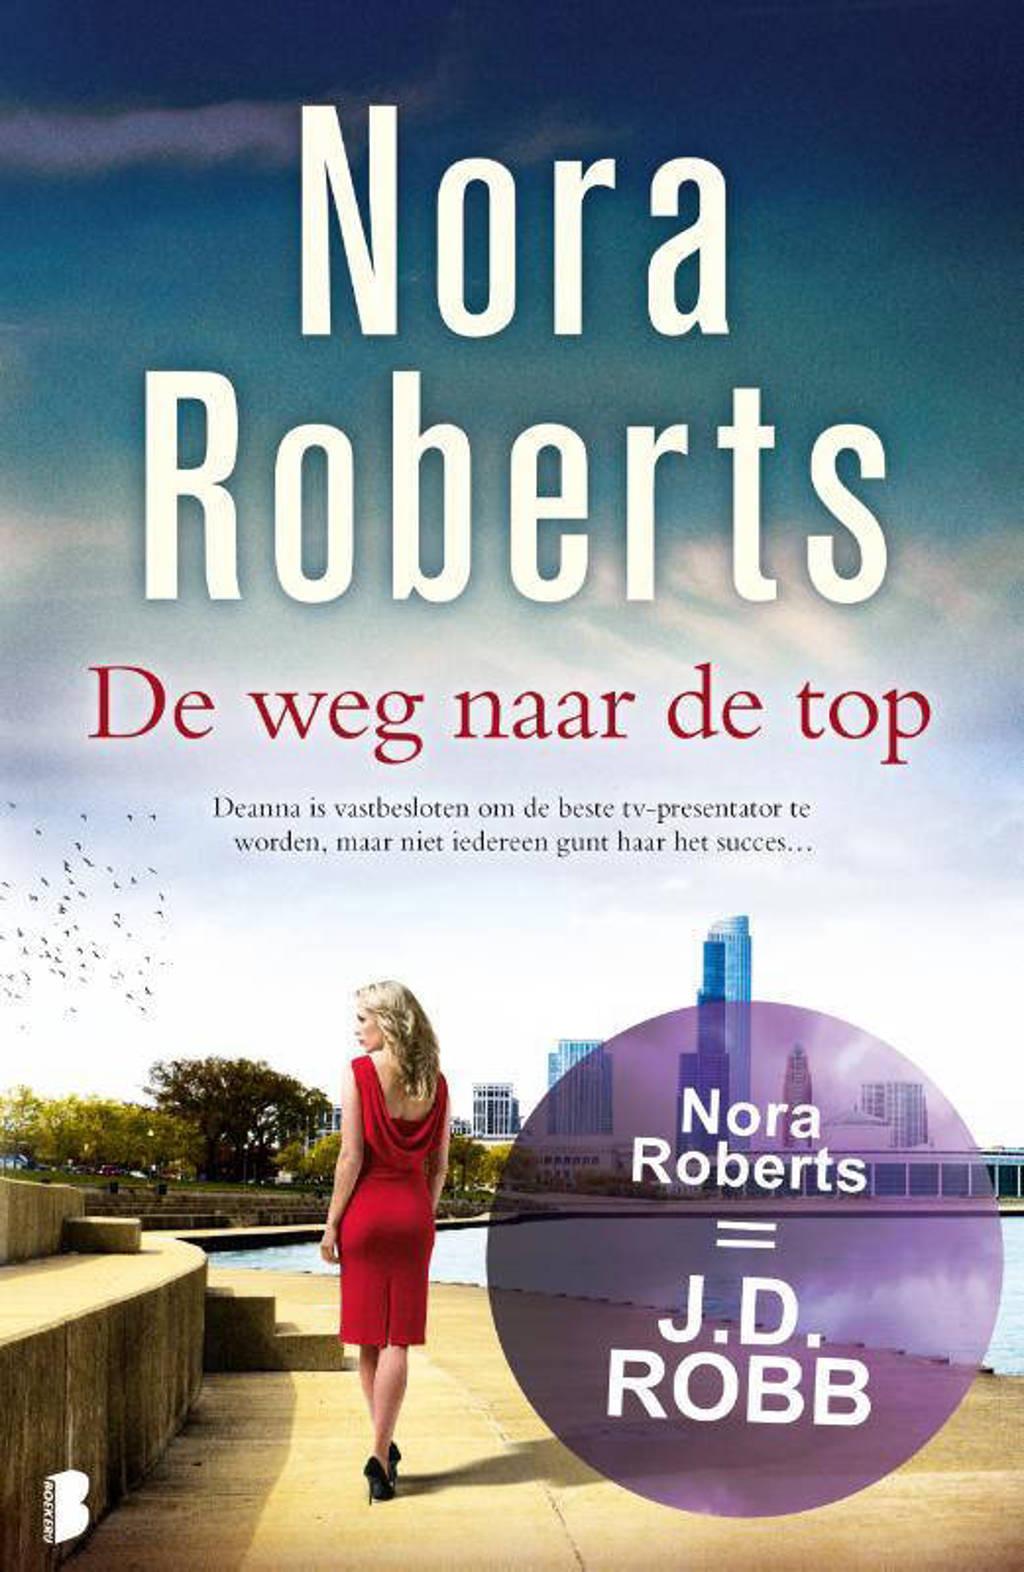 De weg naar de top - Nora Roberts